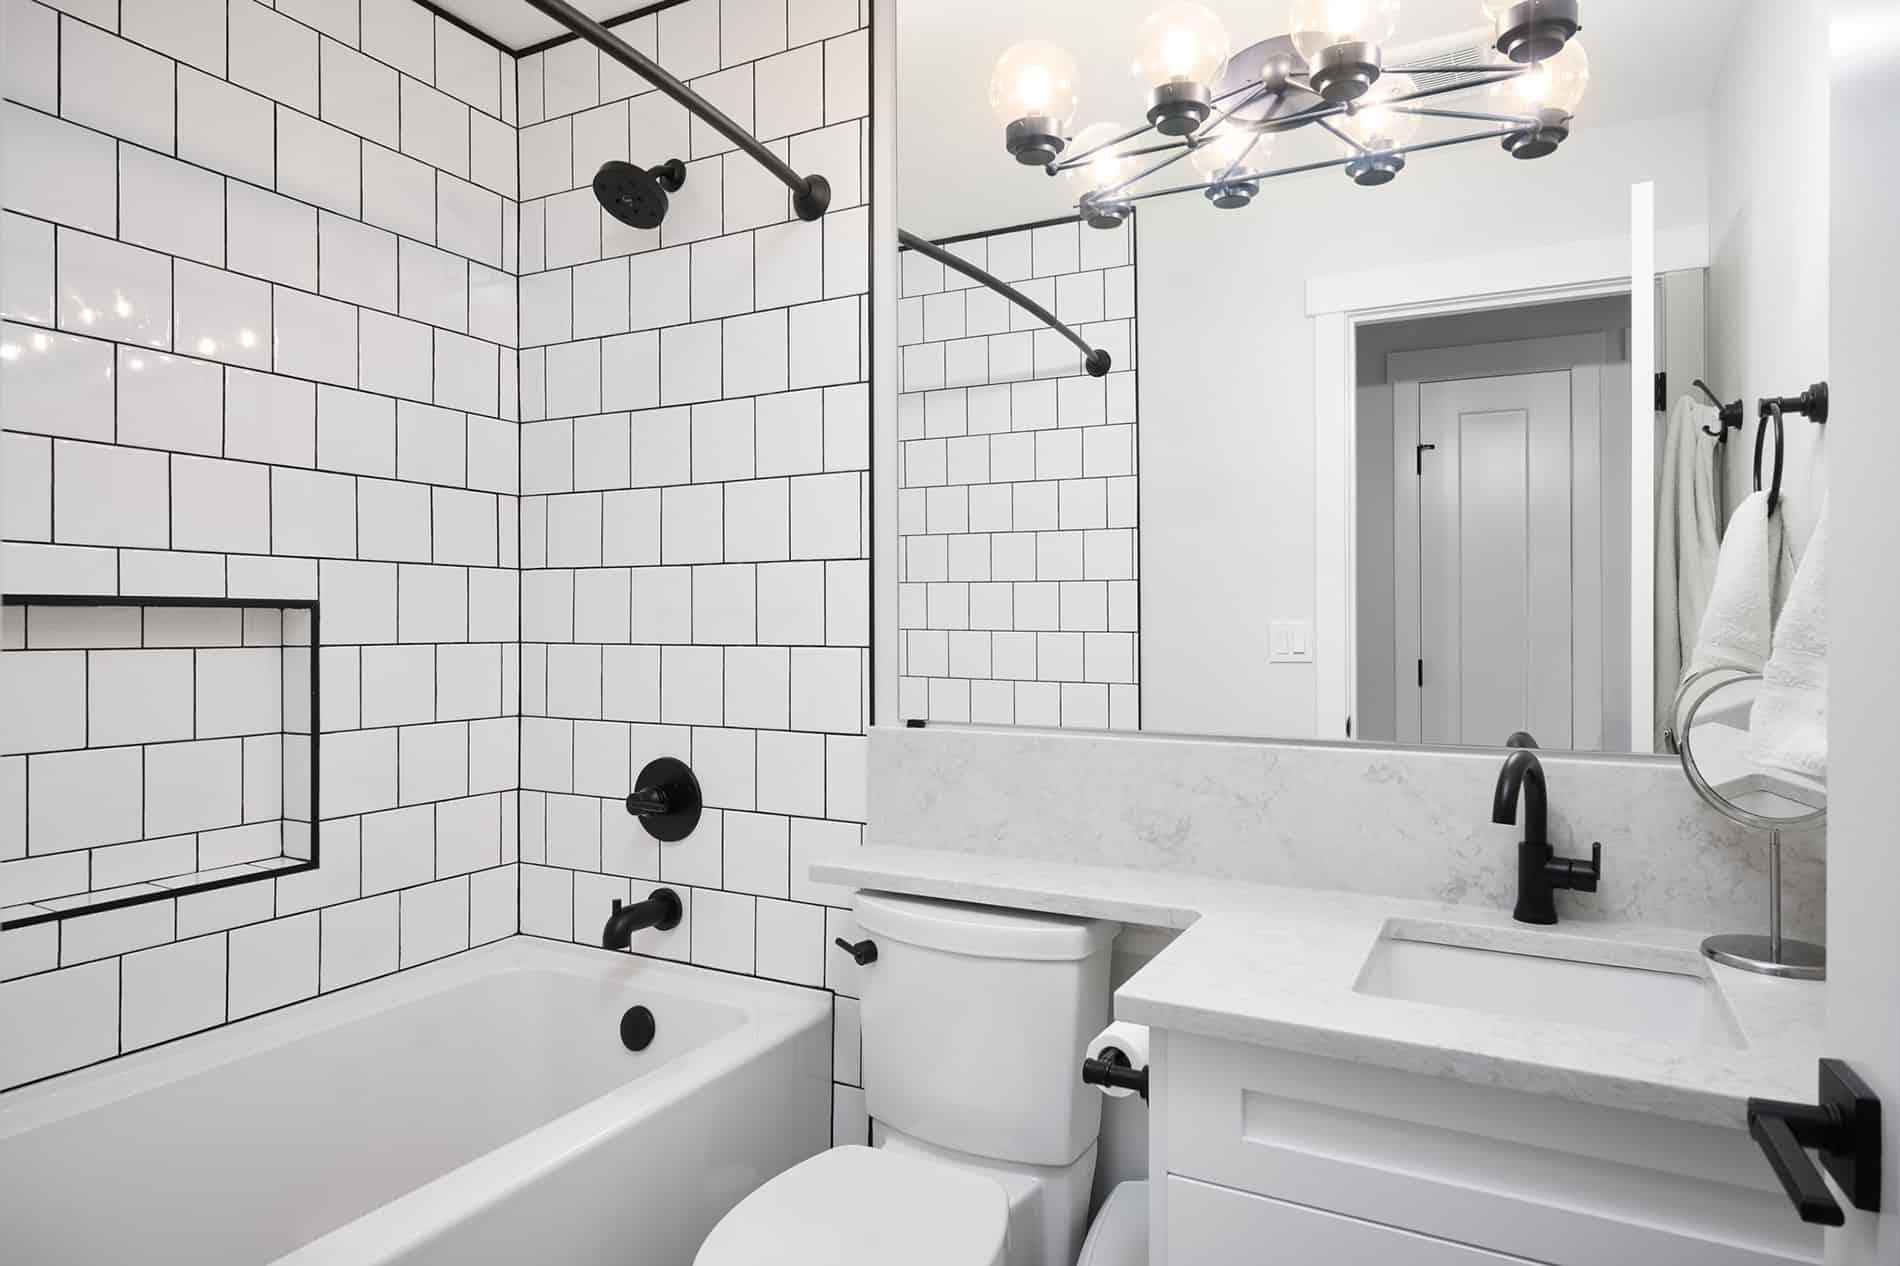 saskatchewan bathroom reno white subway tiles black grout and hardware